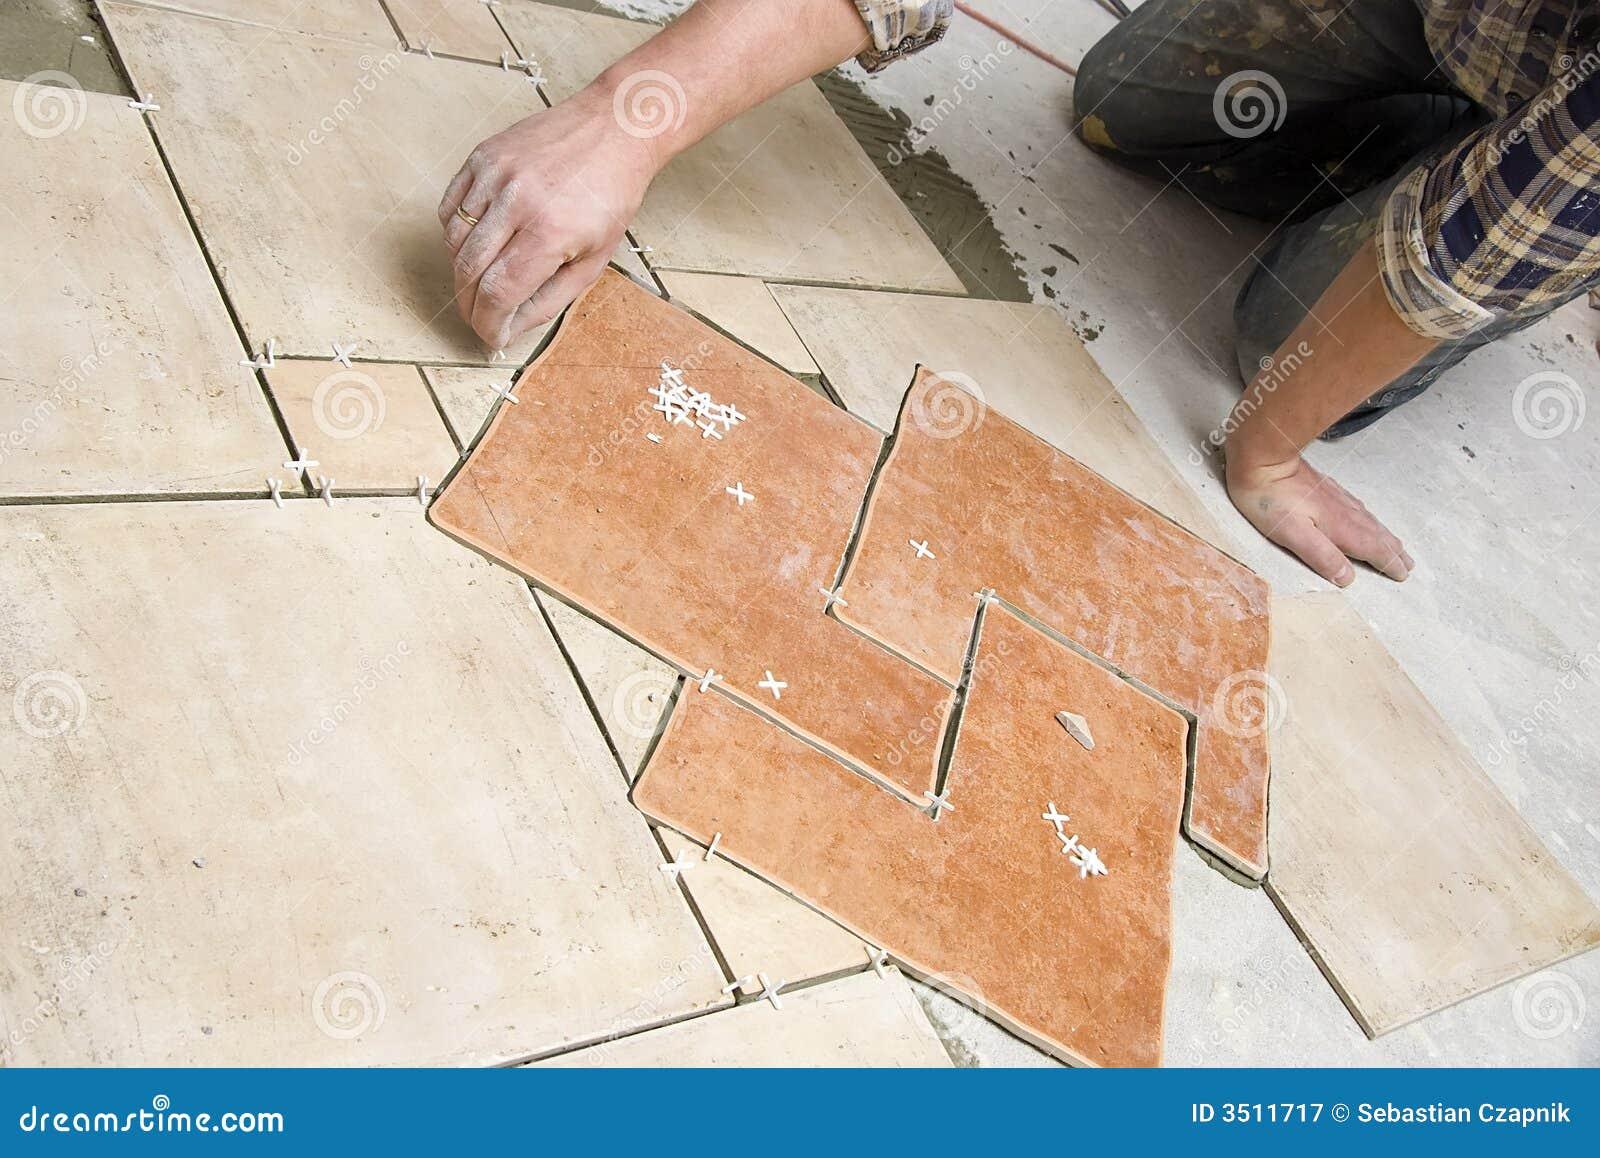 Płytki podłogowe instalacji